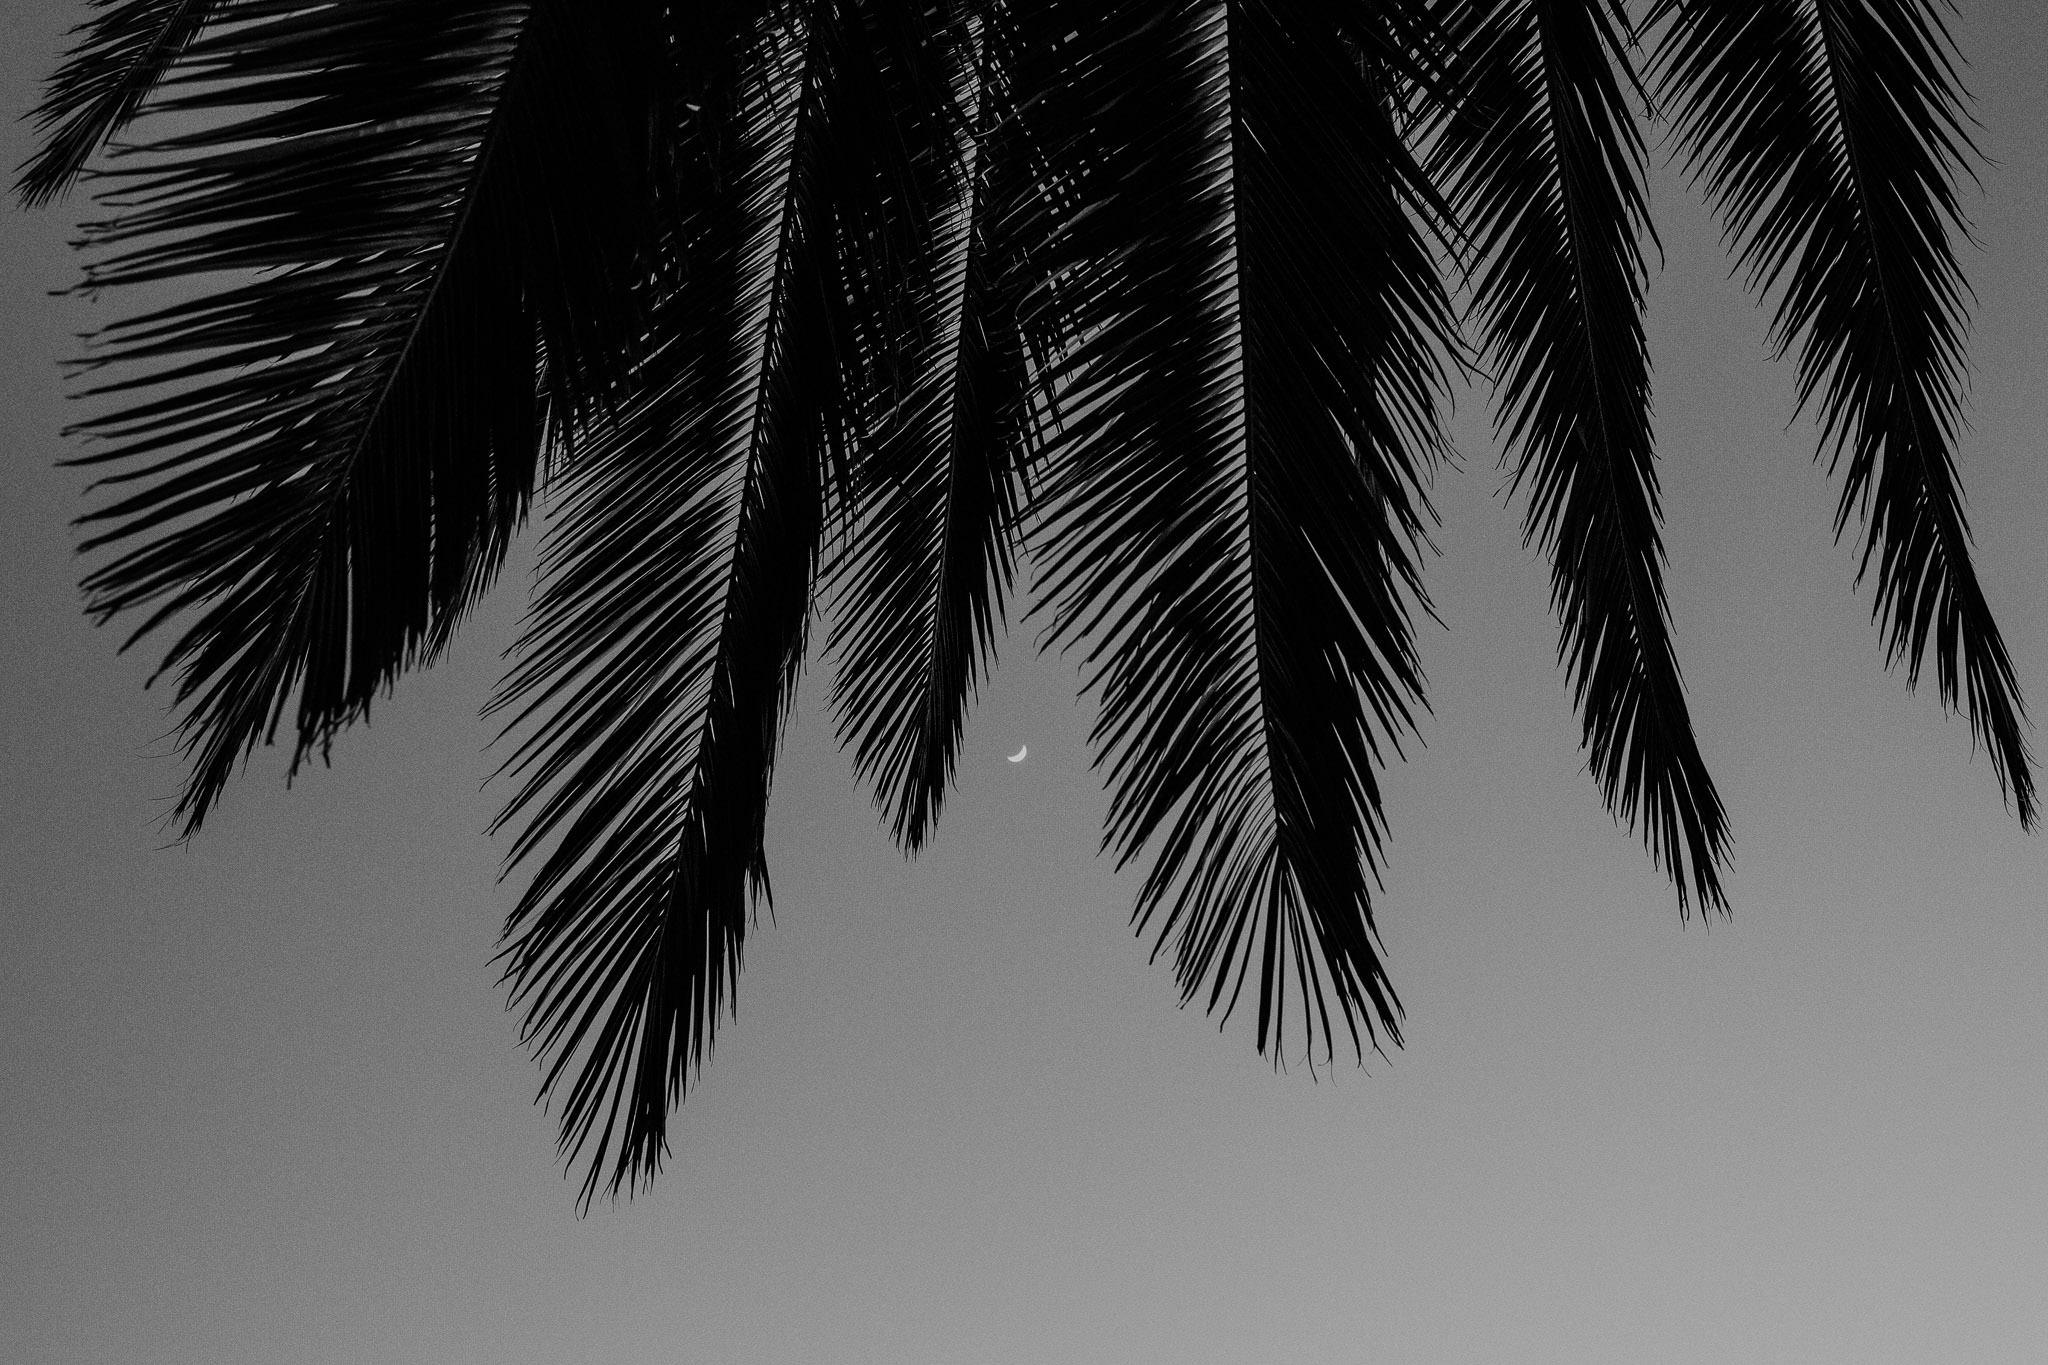 Moon through a Benicia Palm